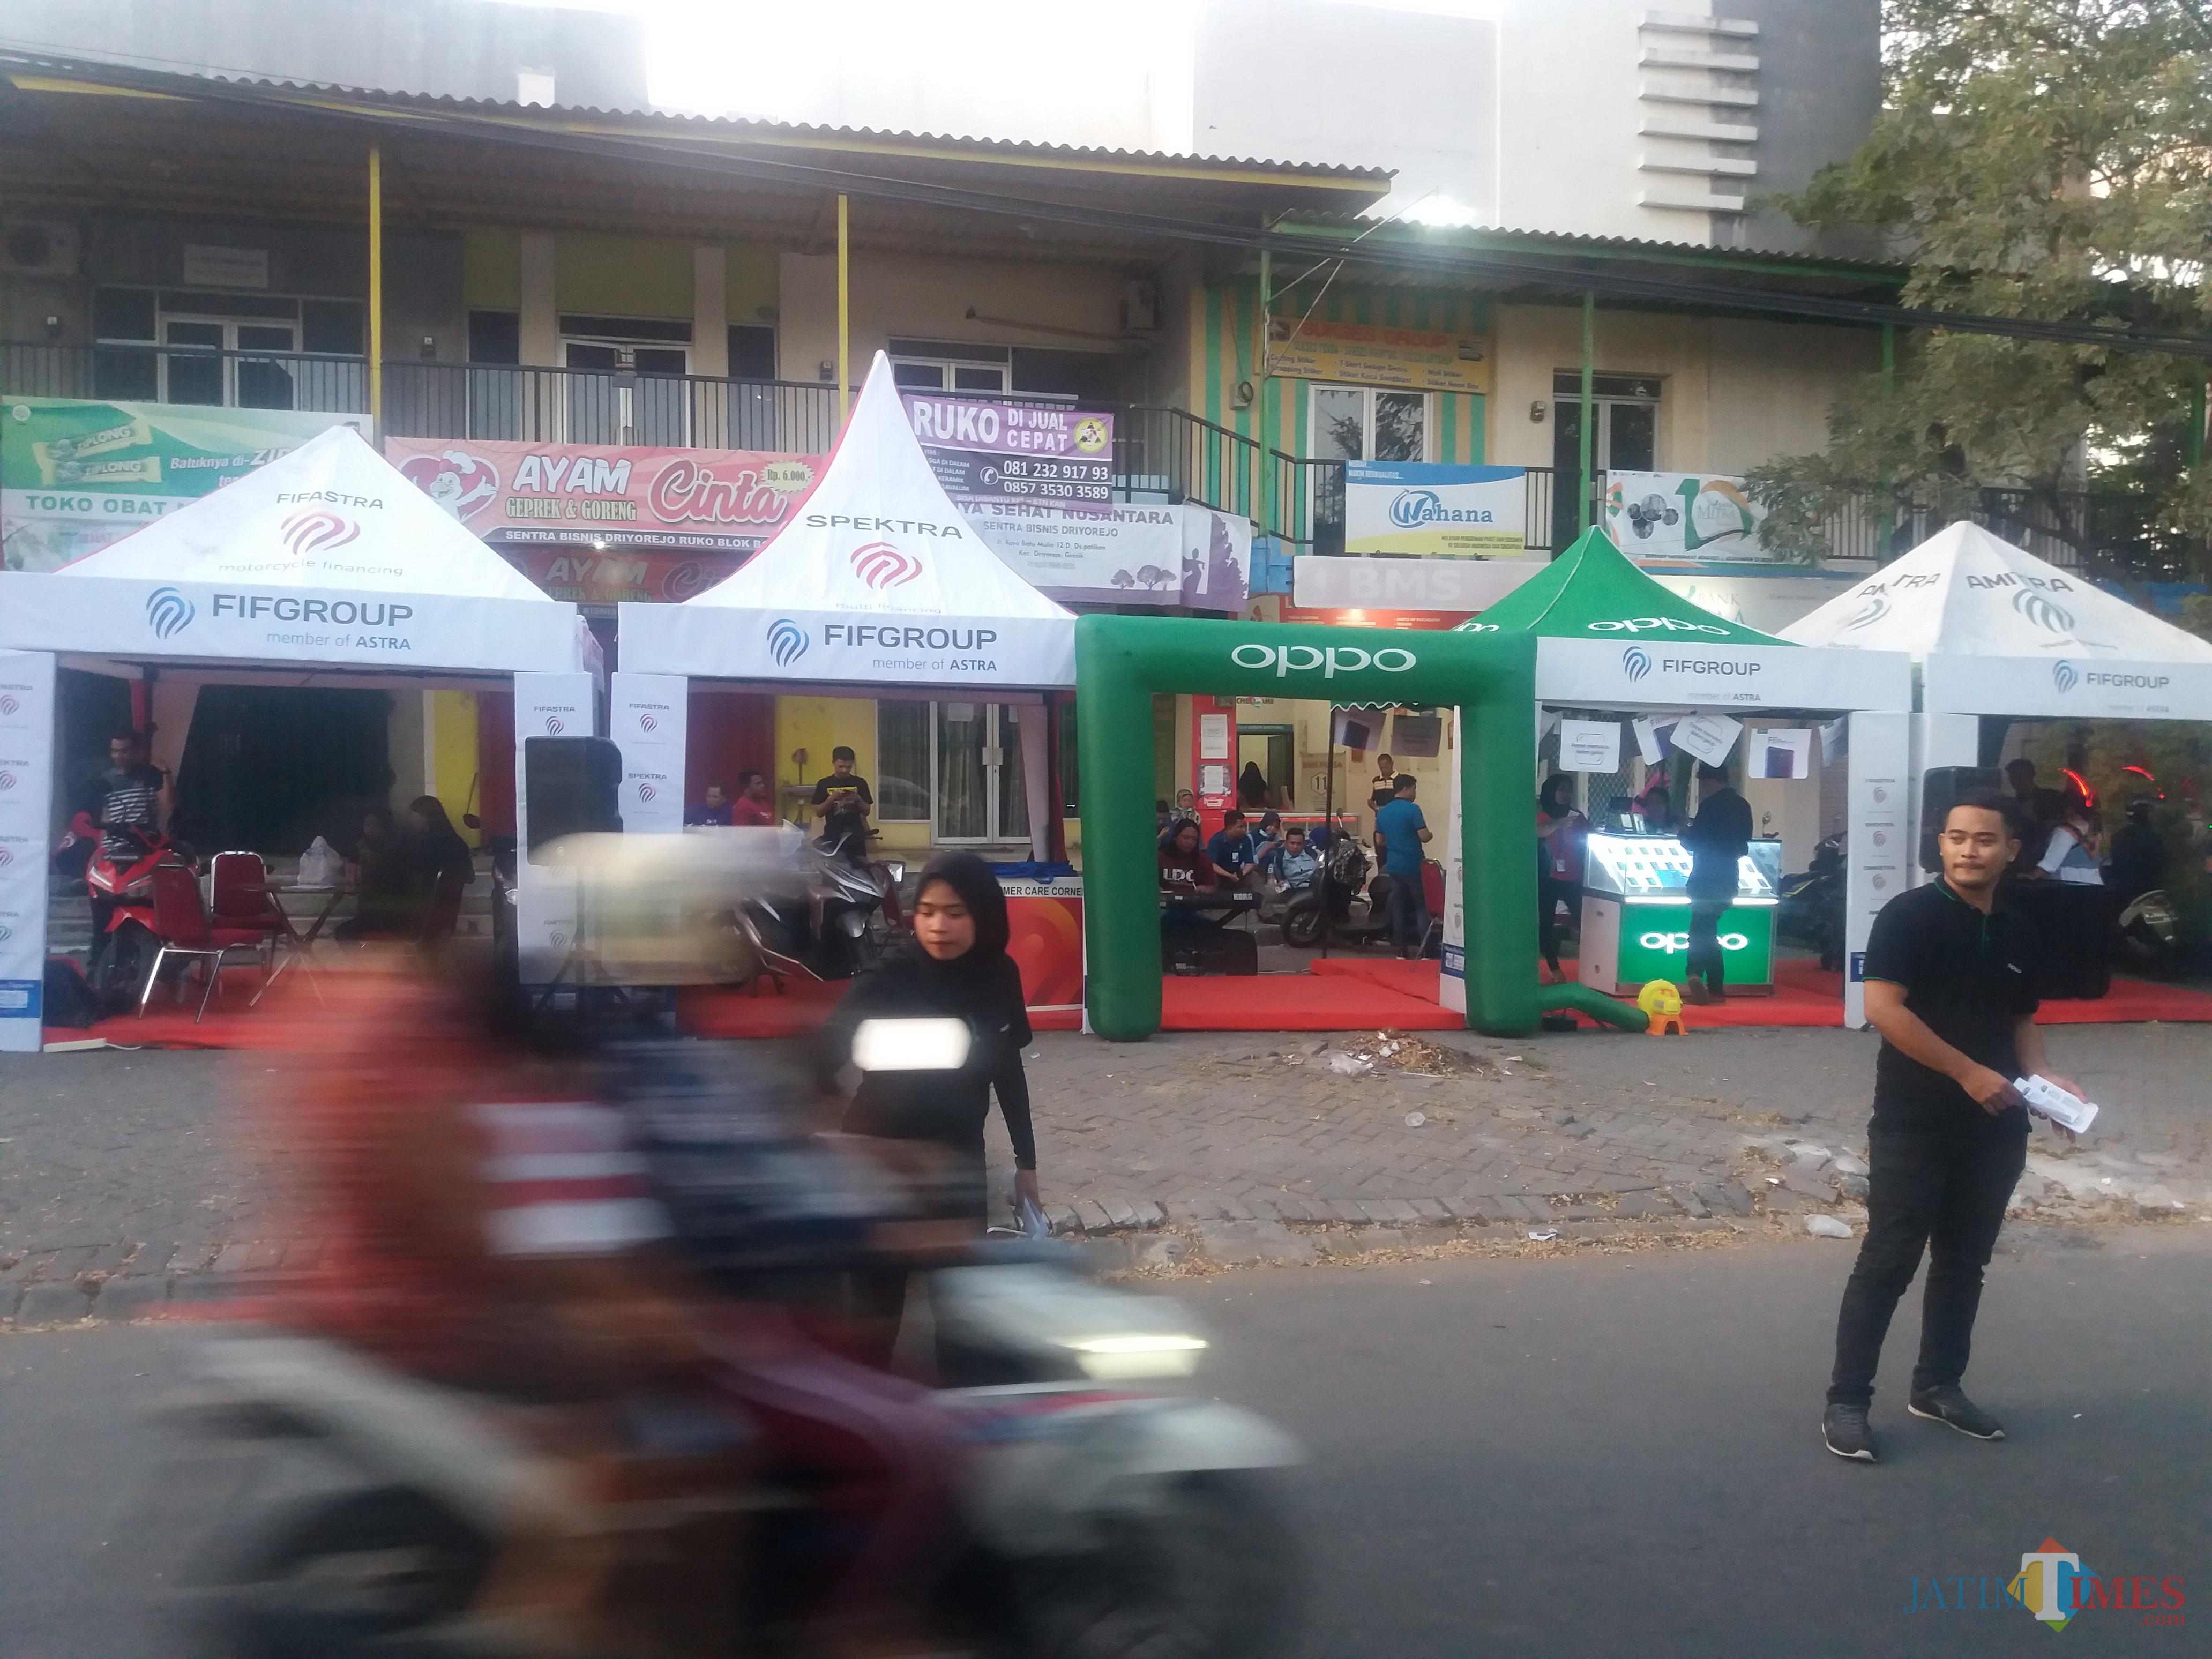 FIFGROUP Grebeg Surabaya di kawasan Driyorejo